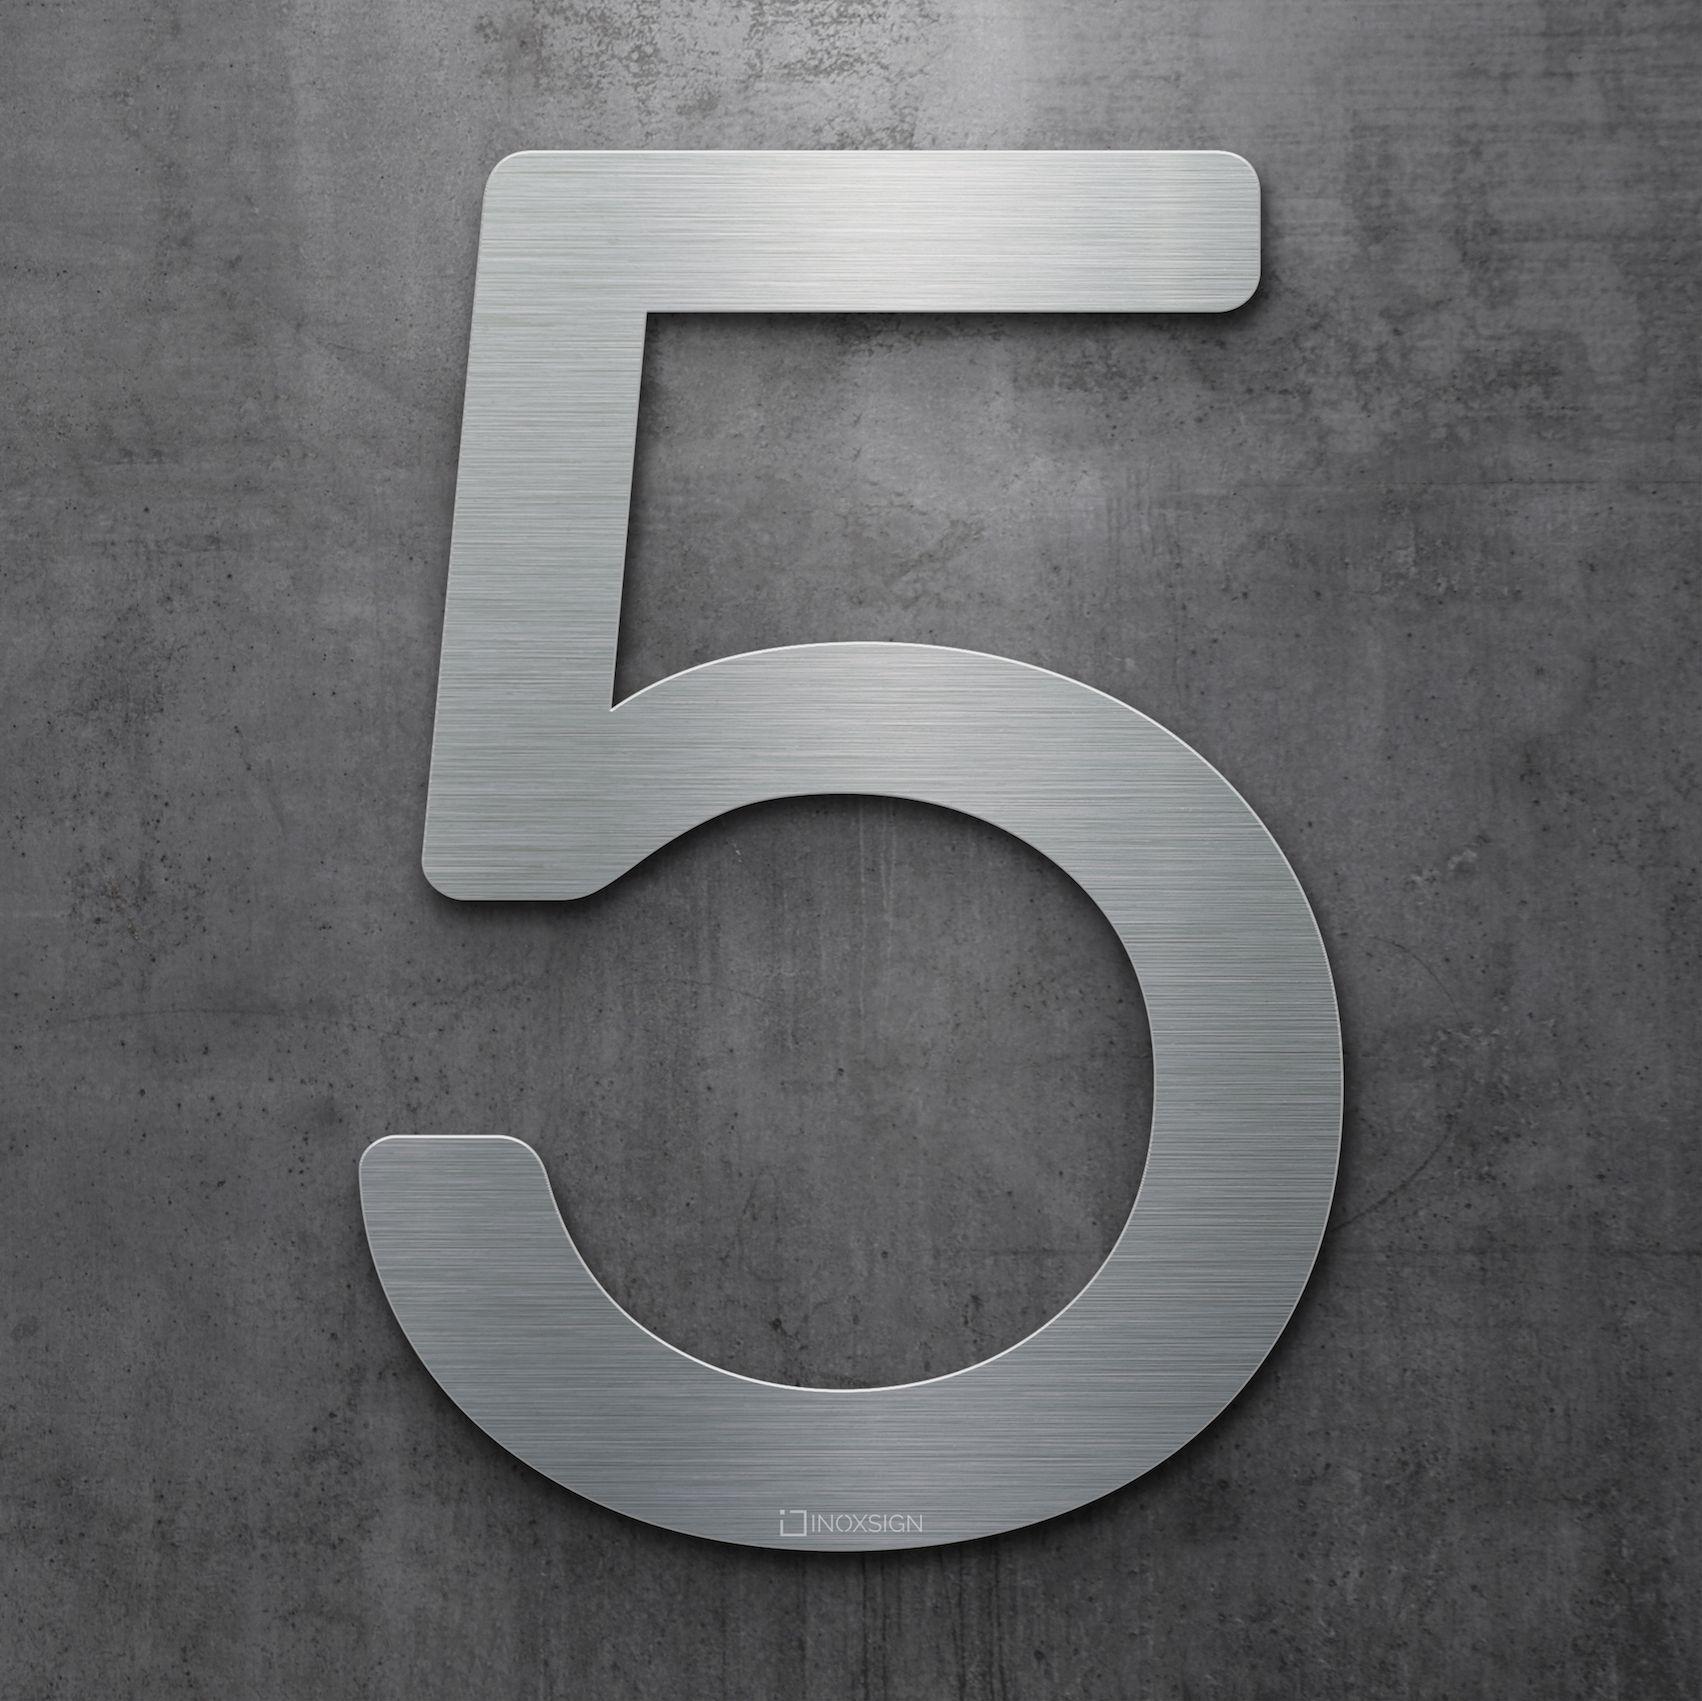 Moderne Hausnummern neu inoxsign edelstahl hausnummer 5 moderne hausnummern aus